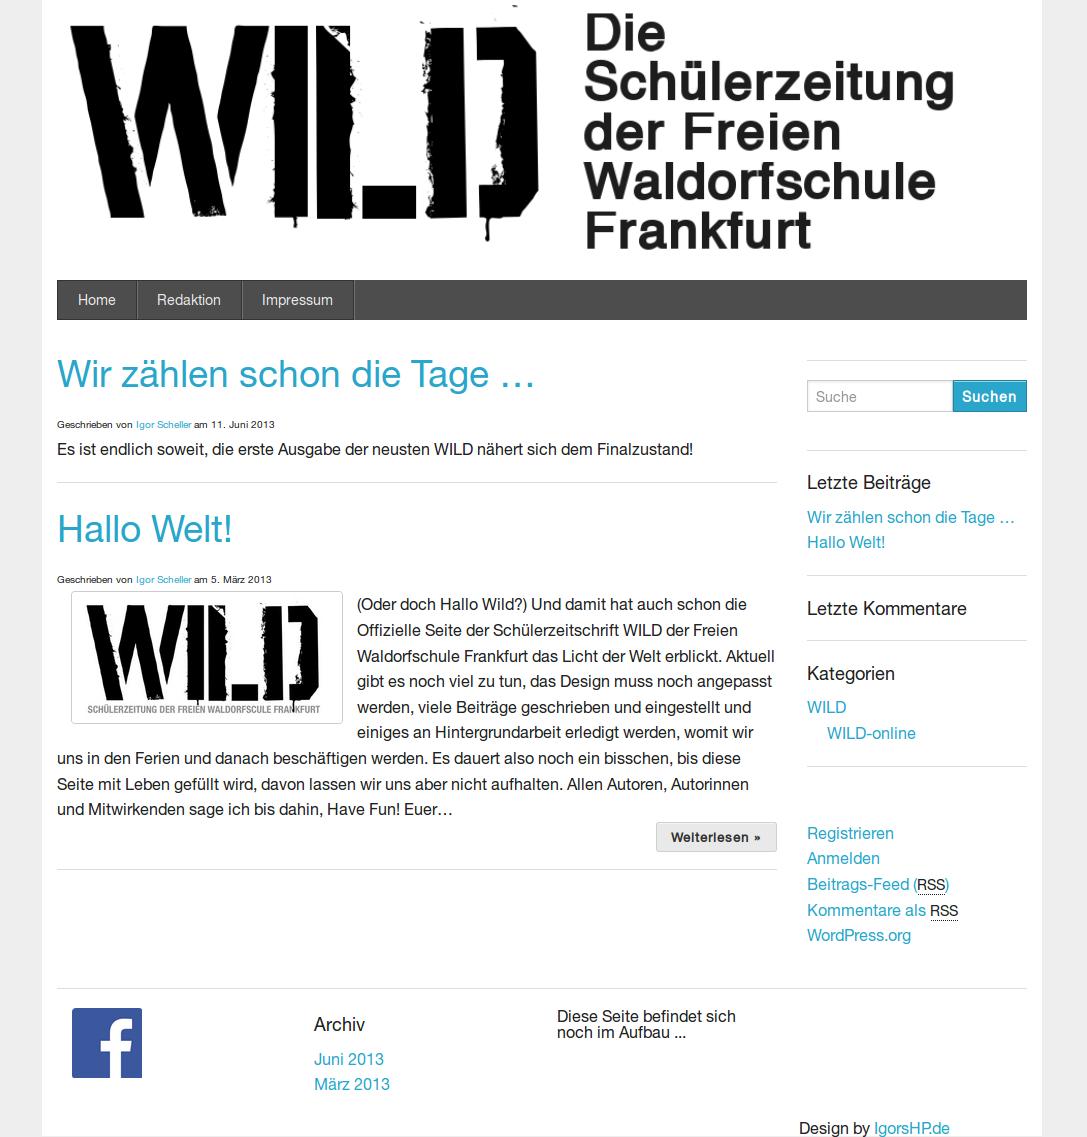 Design der WILD Schülerzeitung